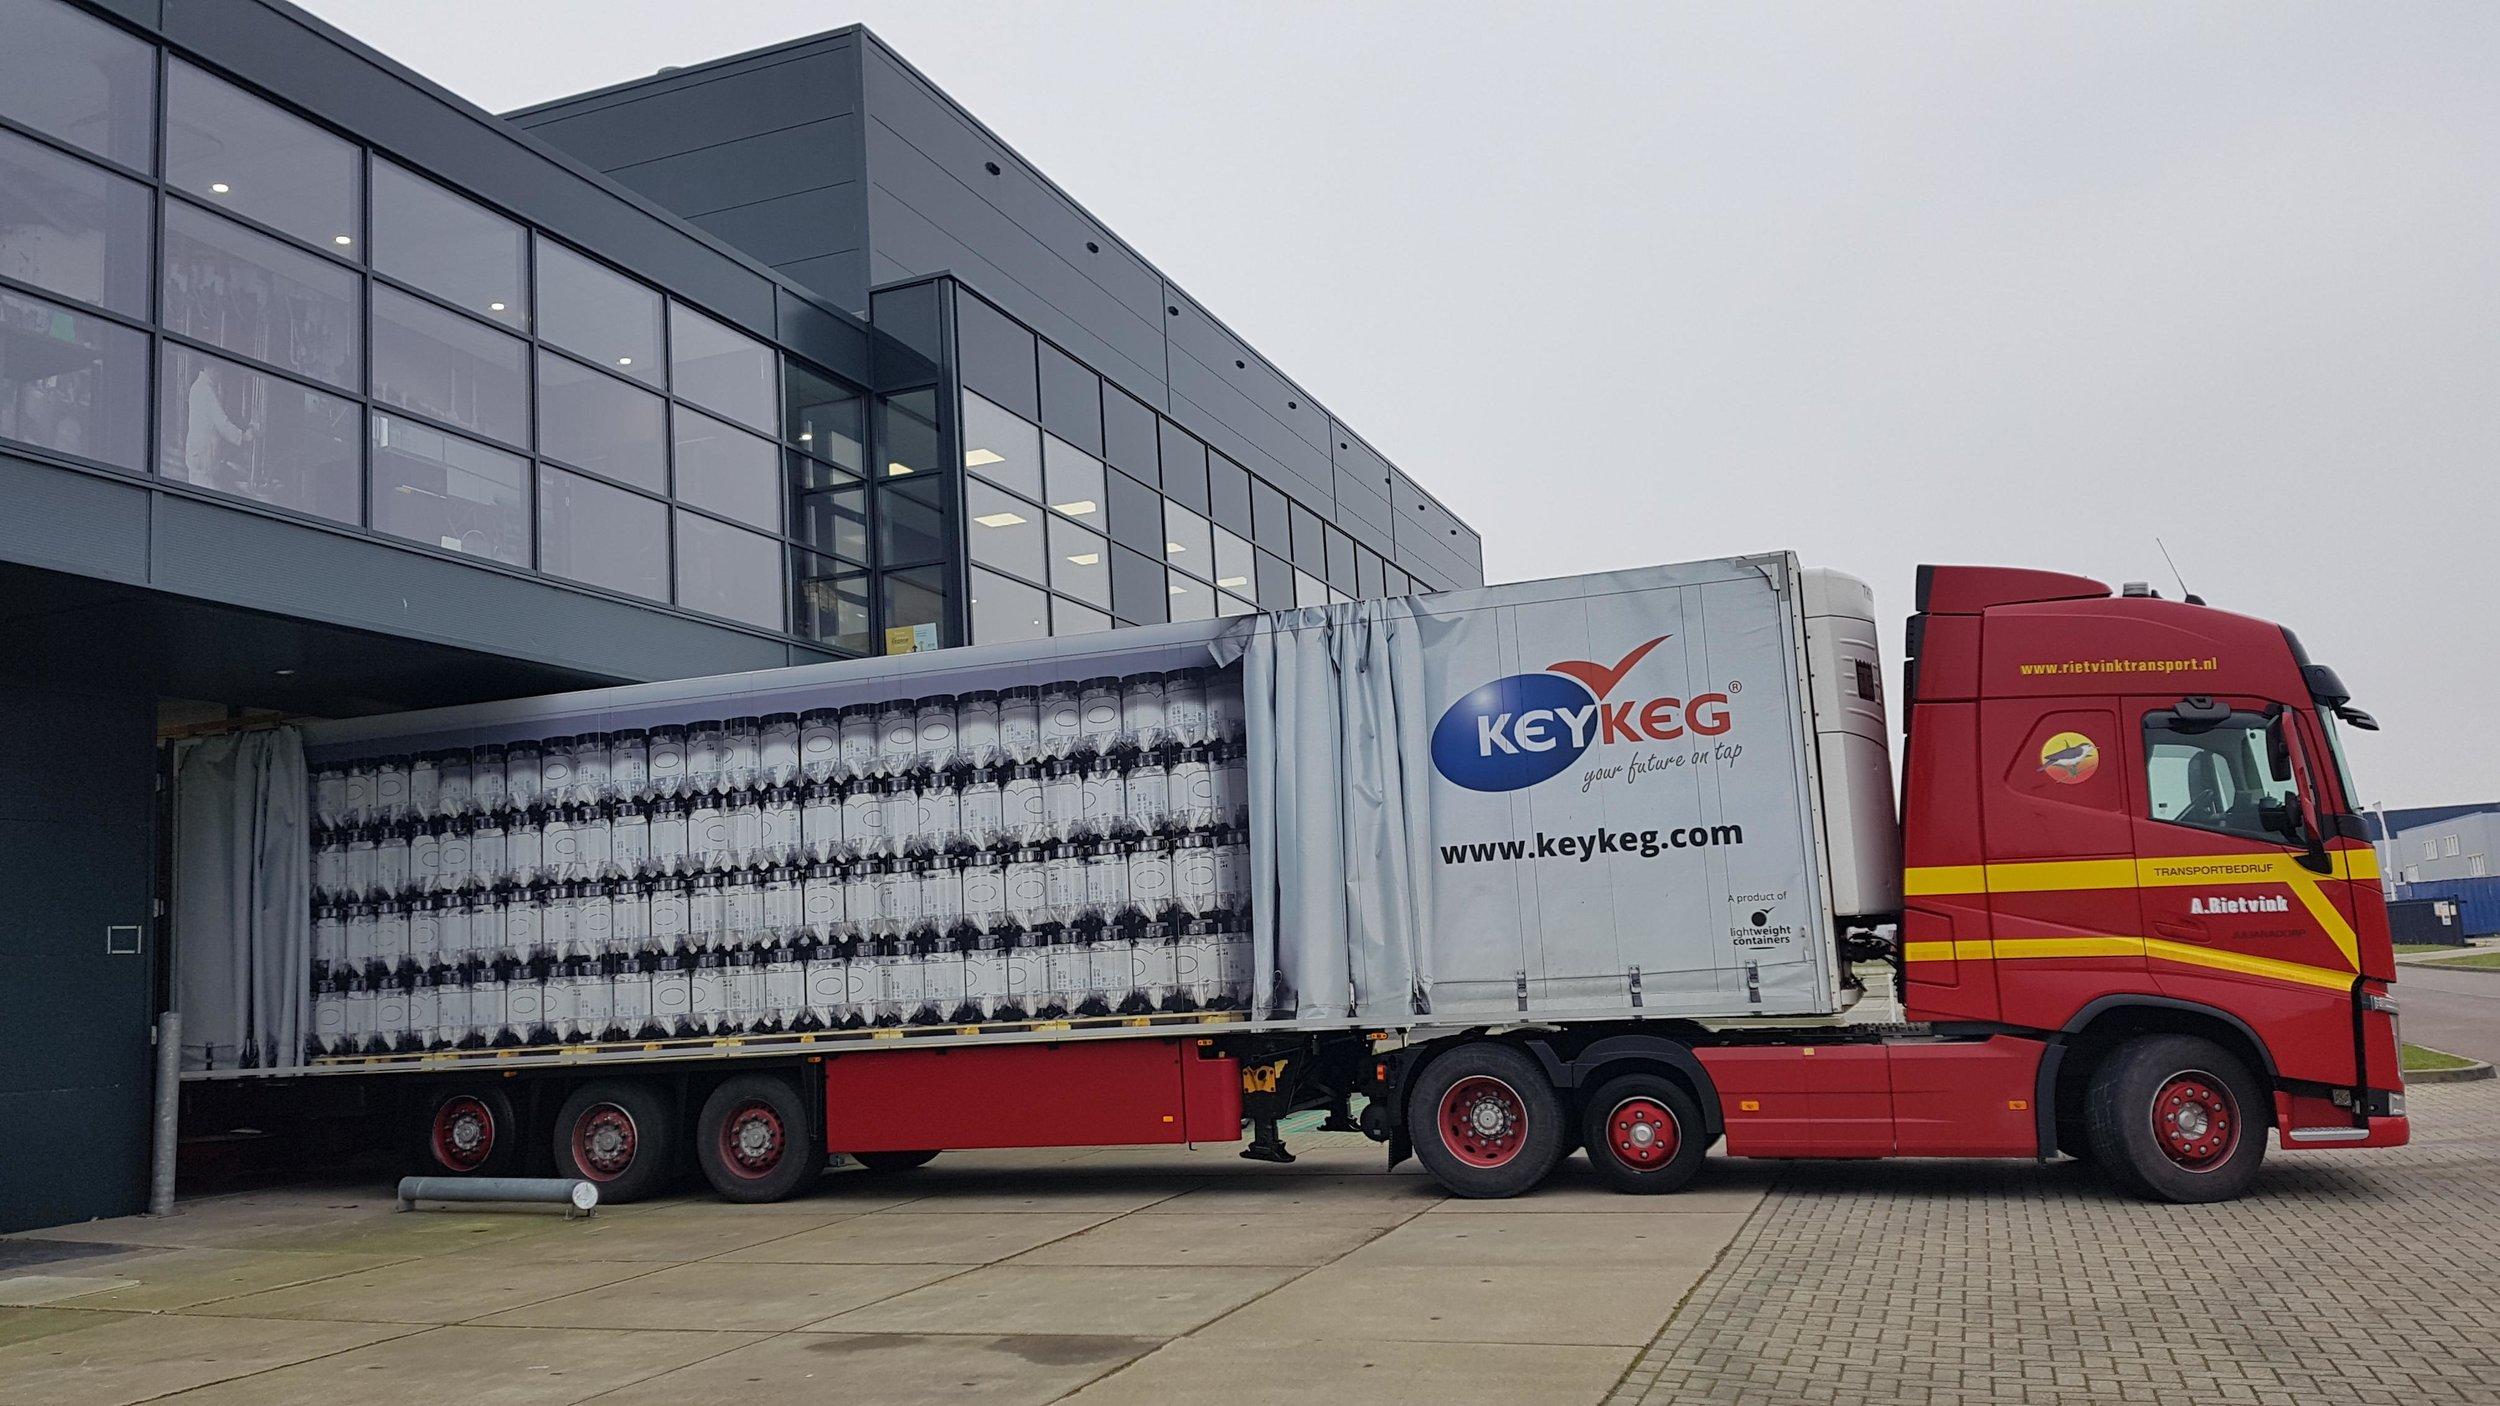 Keykeg truck.jpeg